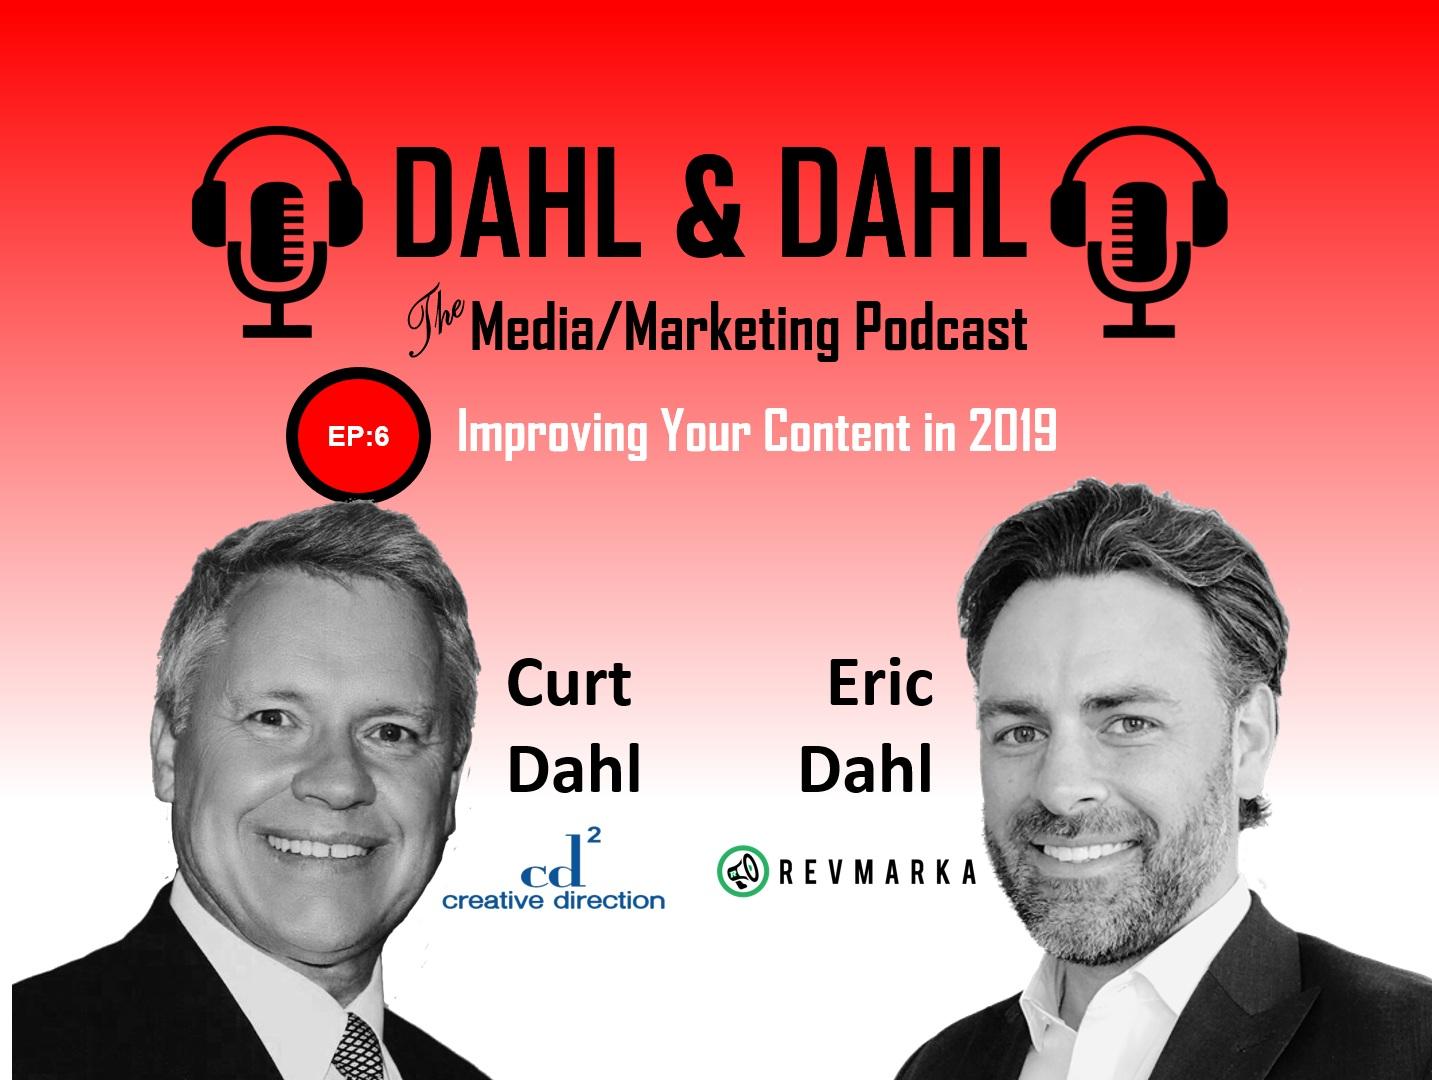 Dahl+%26+Dahl+Podcast+Ep+6.jpg